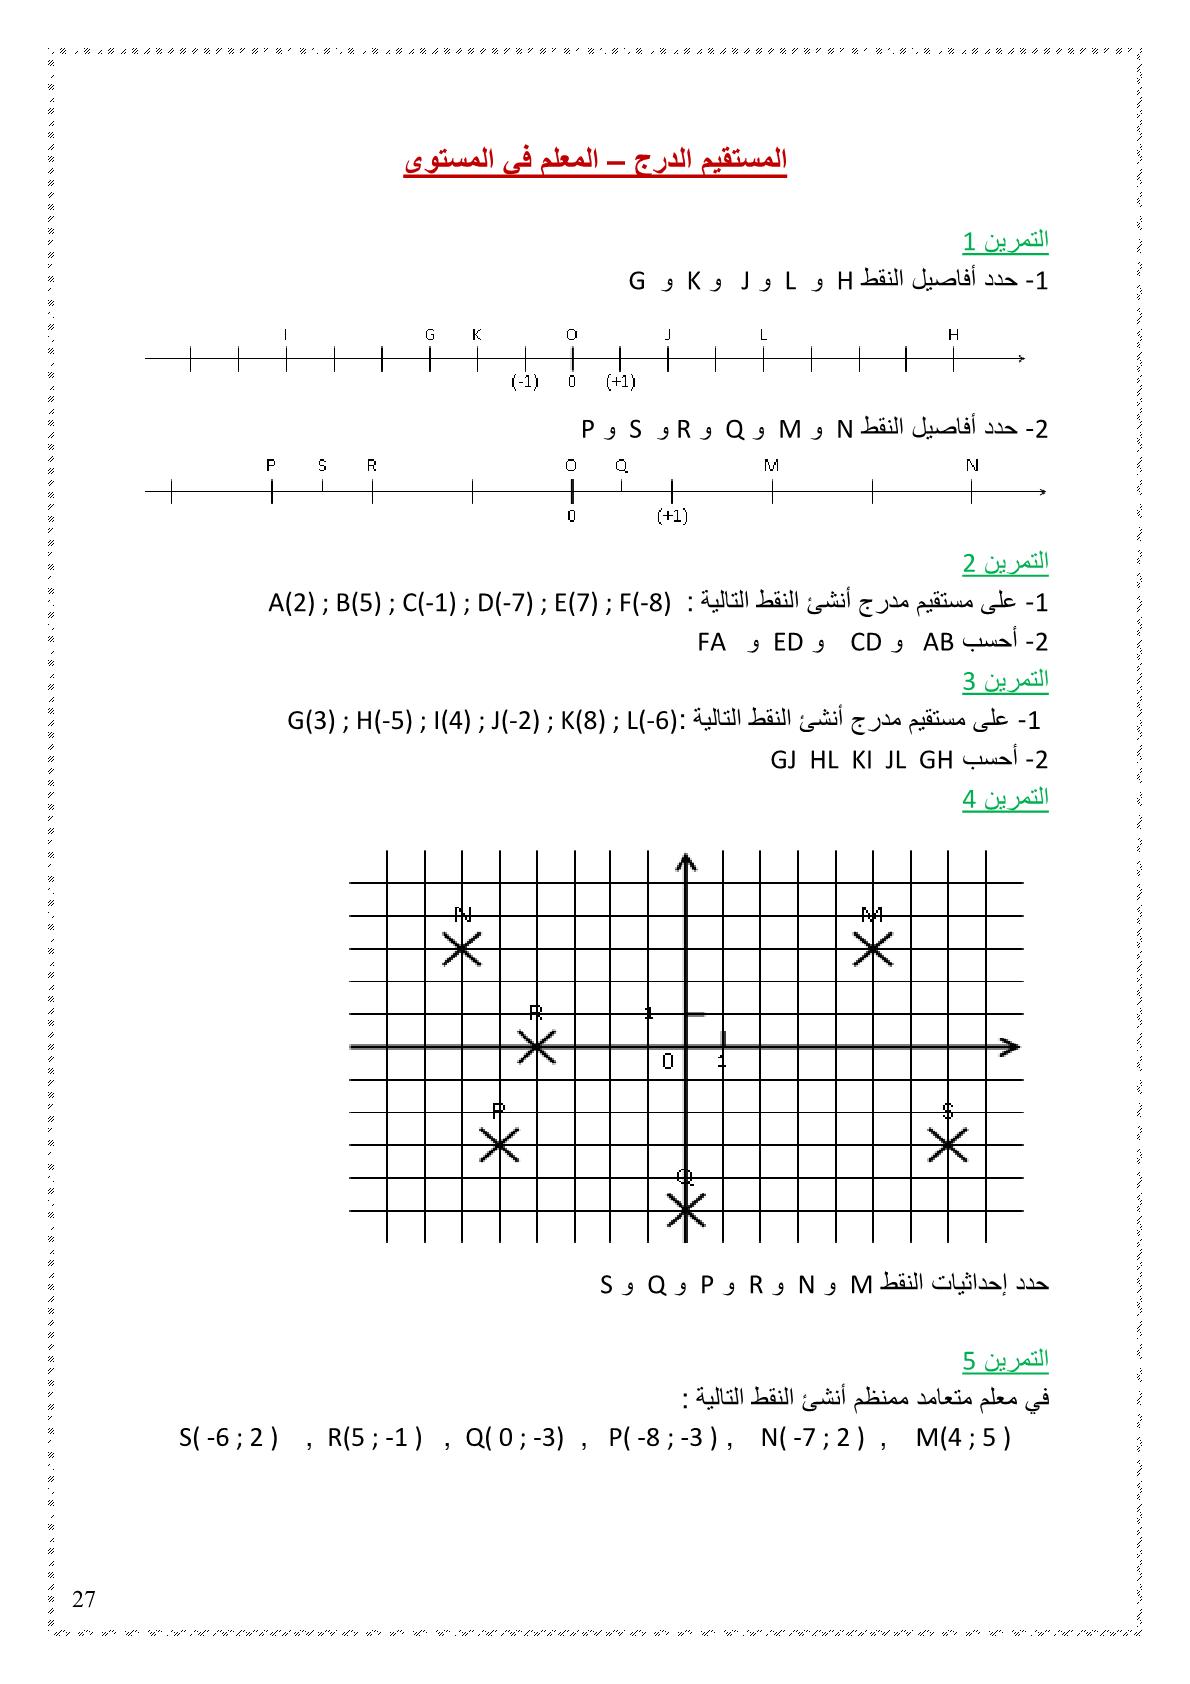 تمارين المستقيم الدرج - المعلم في المستوى مادة الرياضيات للسنة الاولى اعدادي